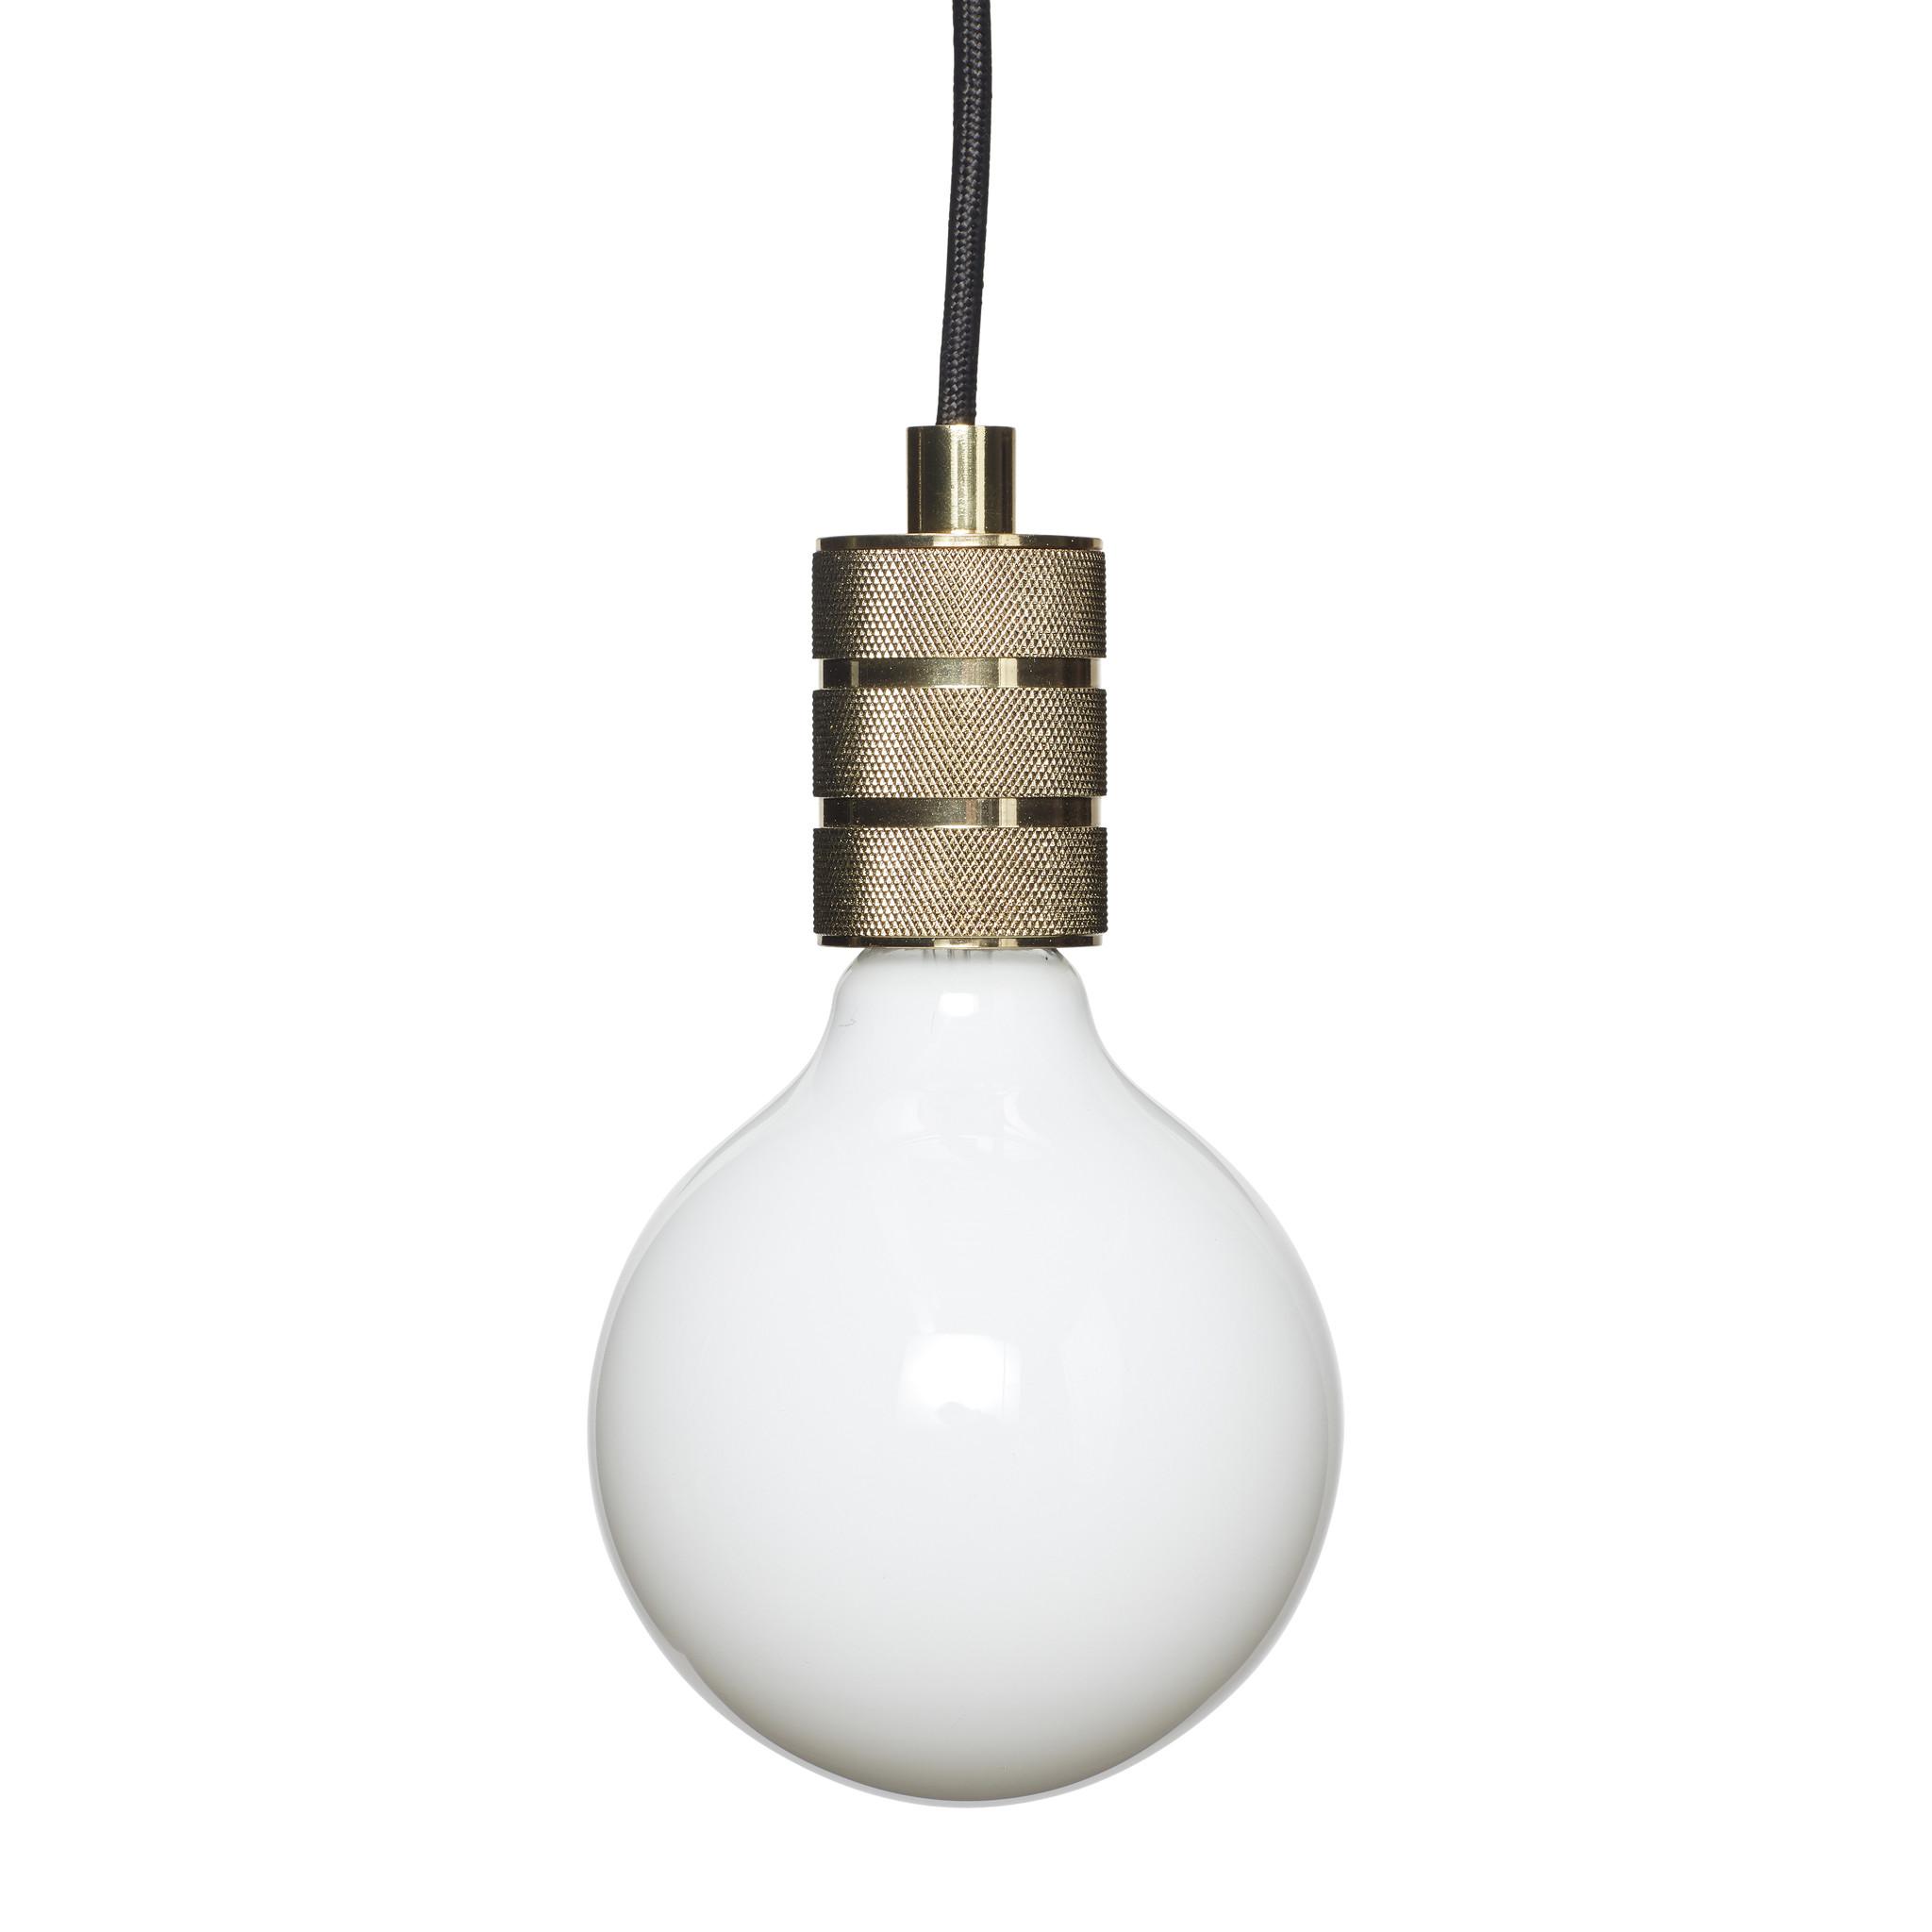 Hubsch Hanglamp, messing-890707-5712772066126